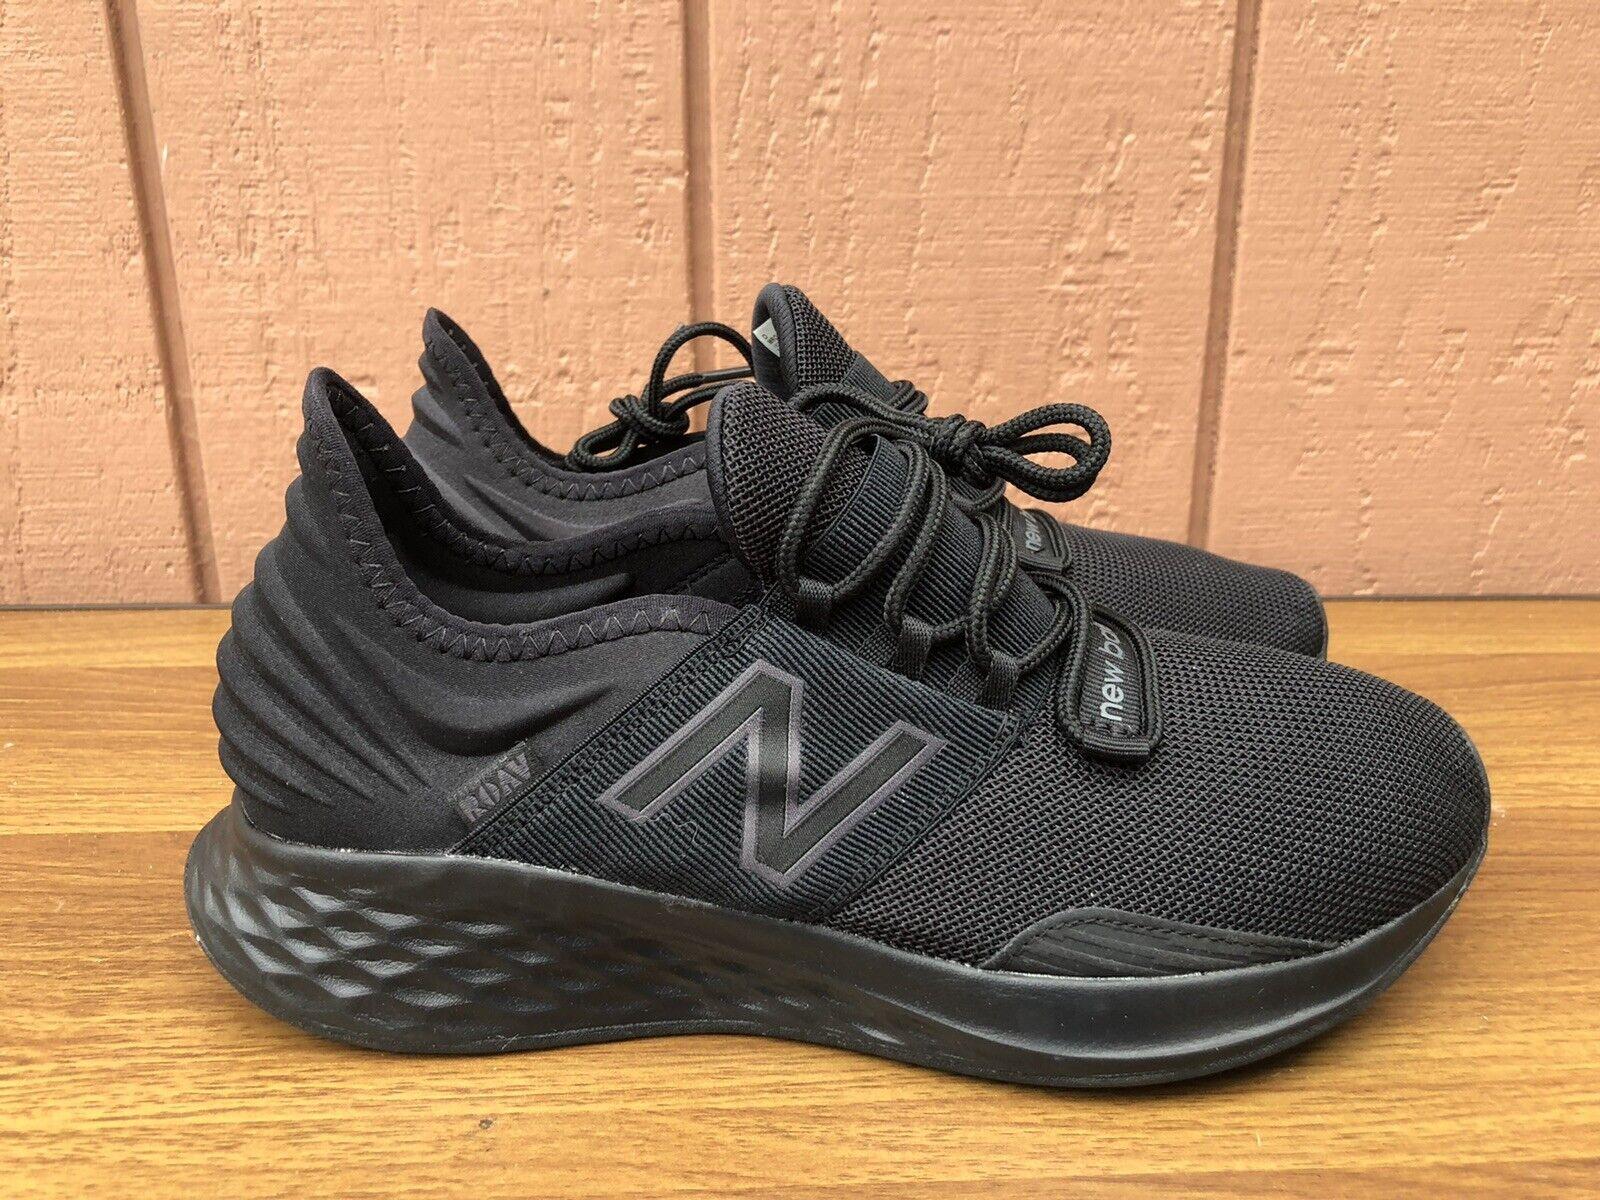 NEW RARE New Balance Roav V1 MROAVLB Running Men US 8.5 D Black Running Shoes CY